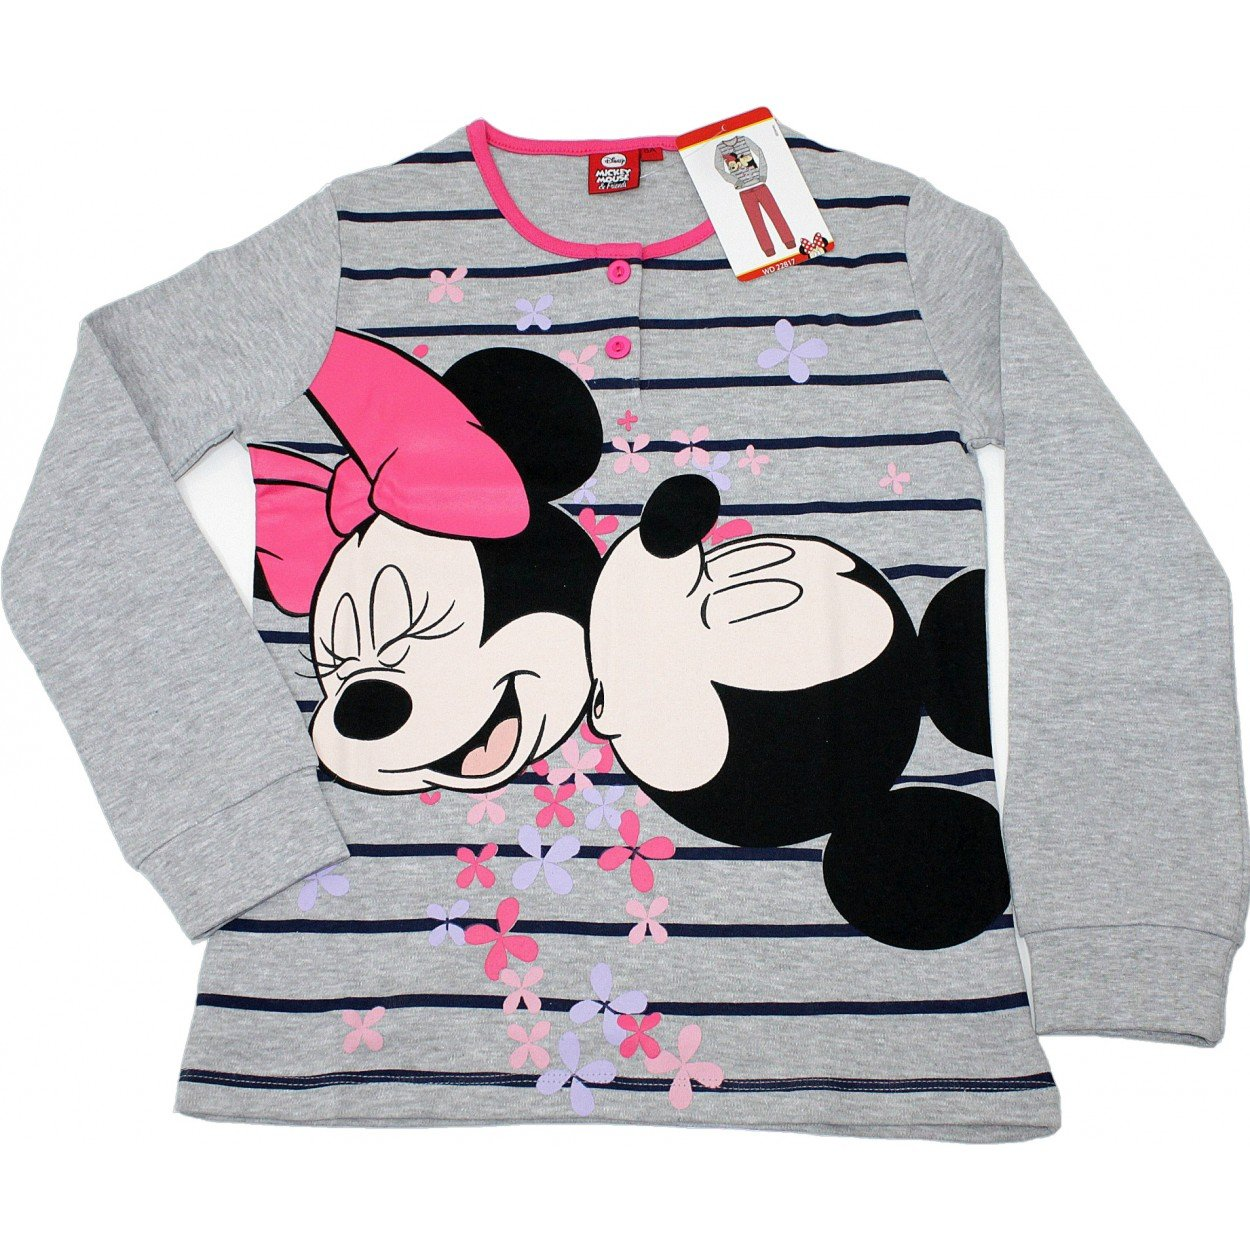 58110f43dd Disney Pigiama Bimba Minnie Topolino Puro Cotone Interlock Tg 8-9-10 Anni  22817: Amazon.it: Abbigliamento